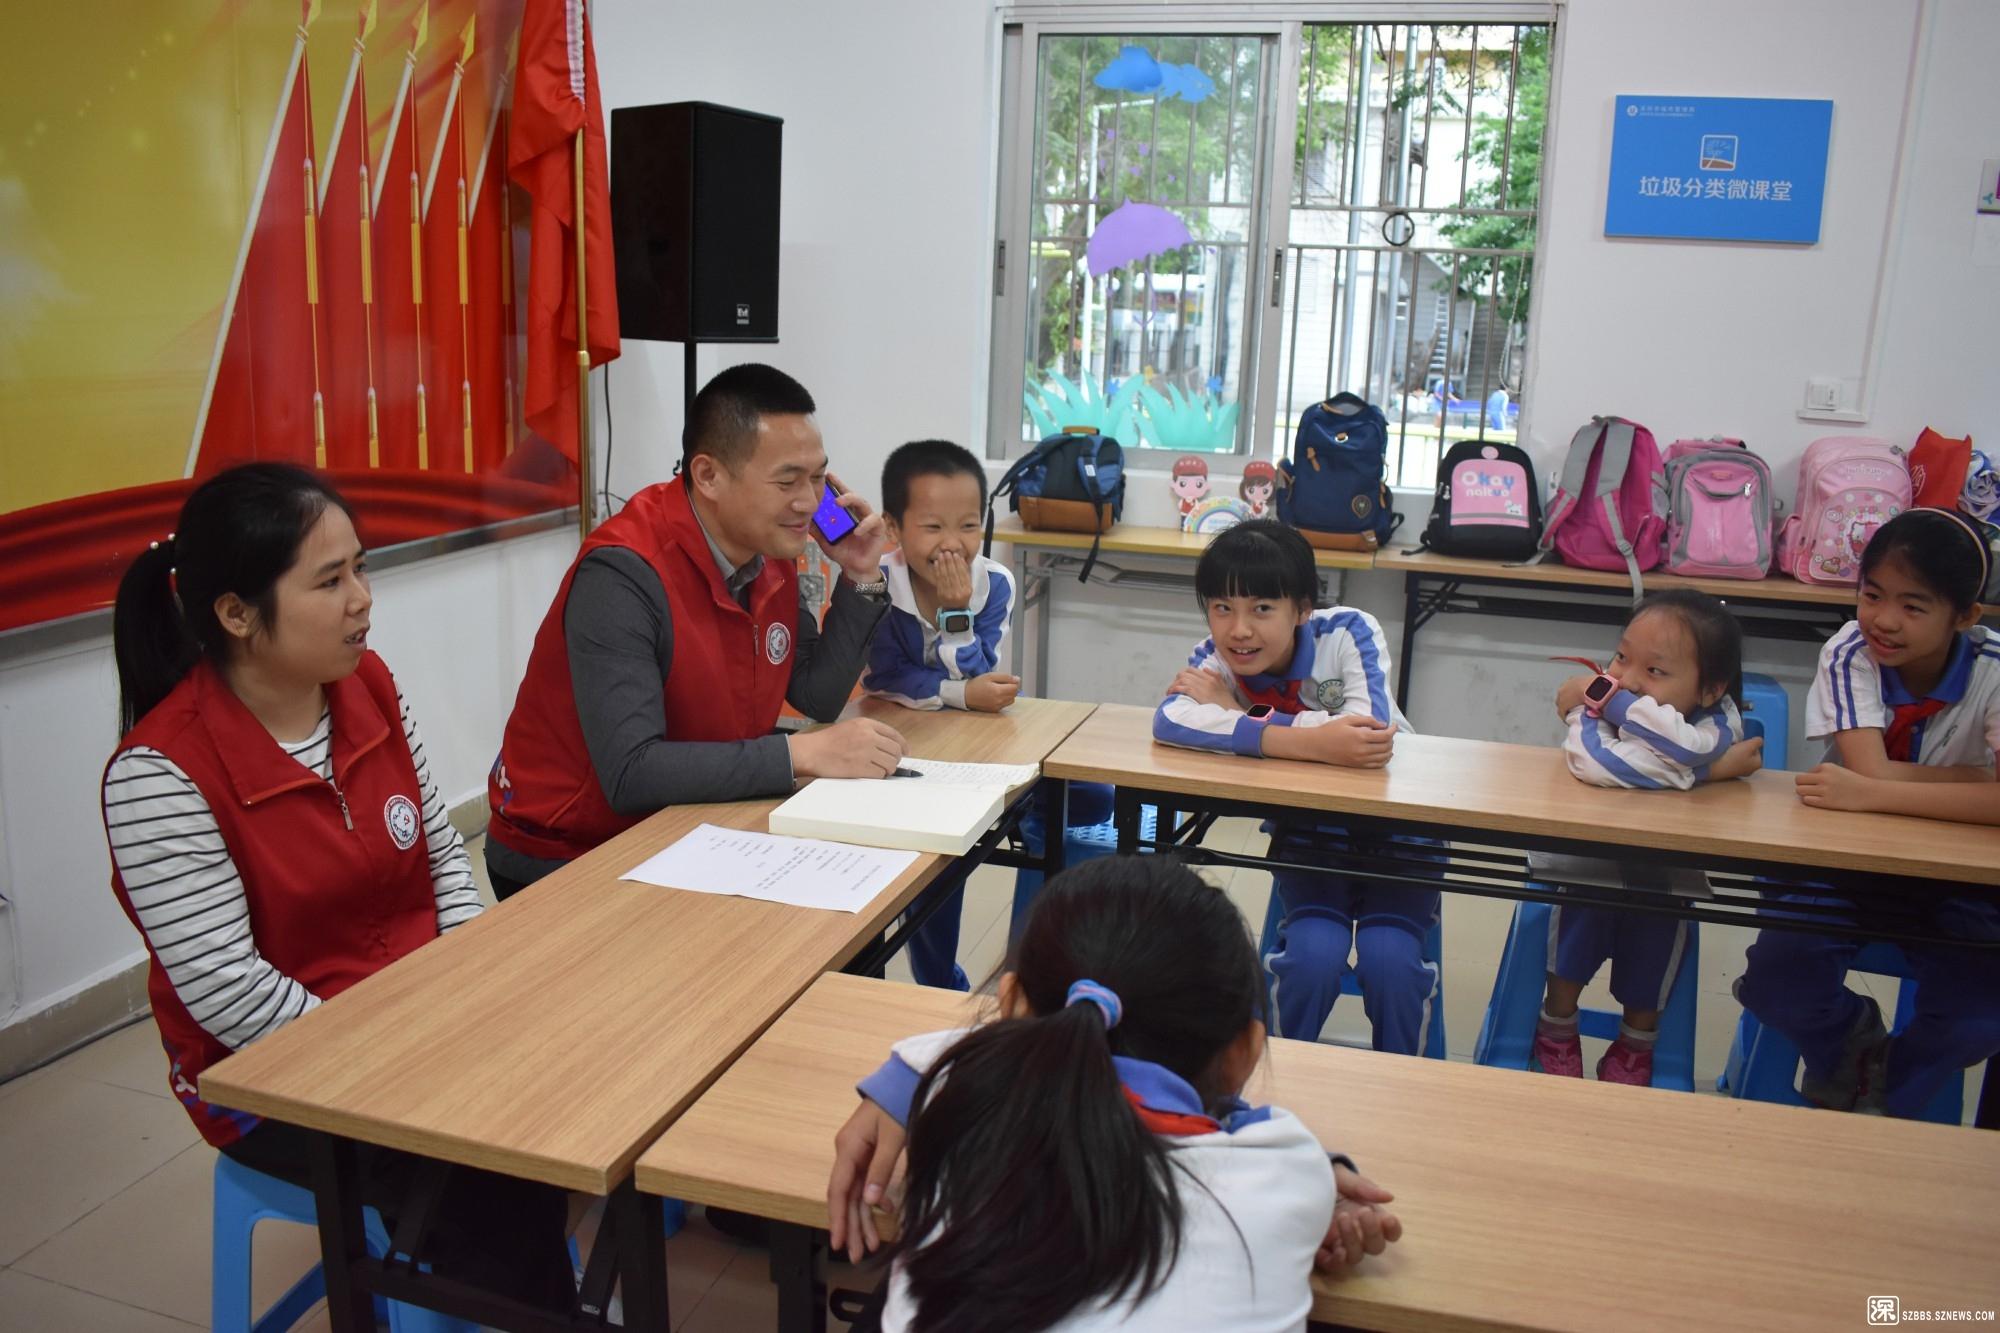 及时向学校主要领导反馈议事会上集到的信息.JPG